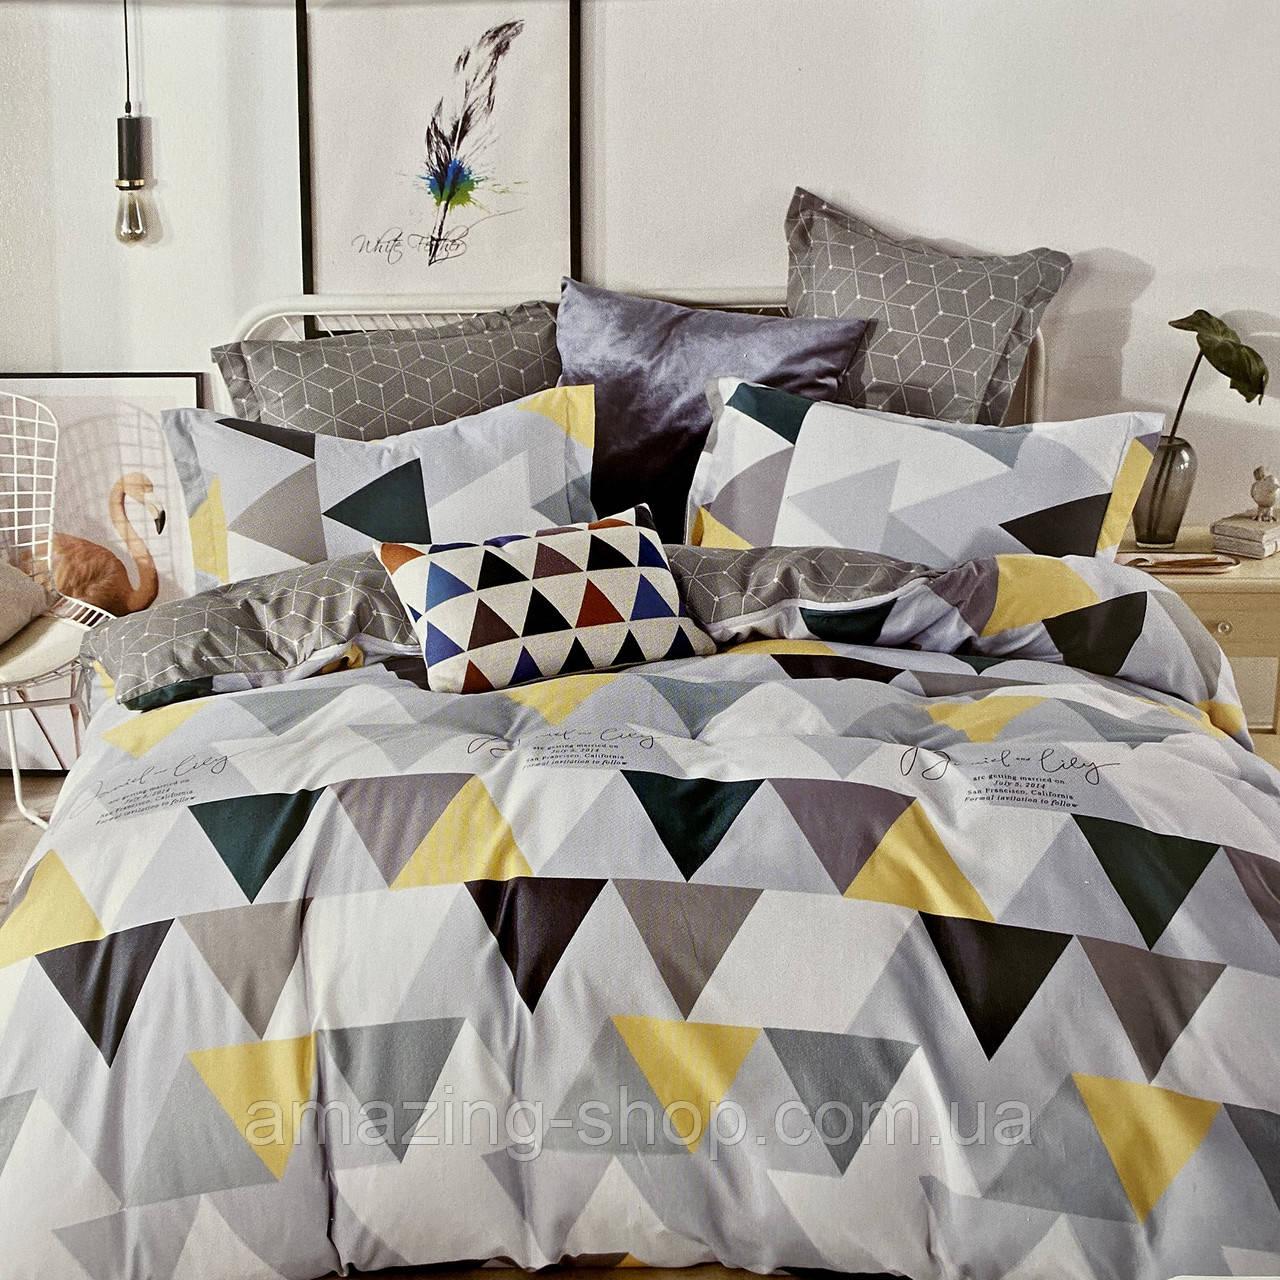 Постельное белья Двуспальное с простыню на резинке 160х200+20см   Комплект постельного белья Фланель на резине